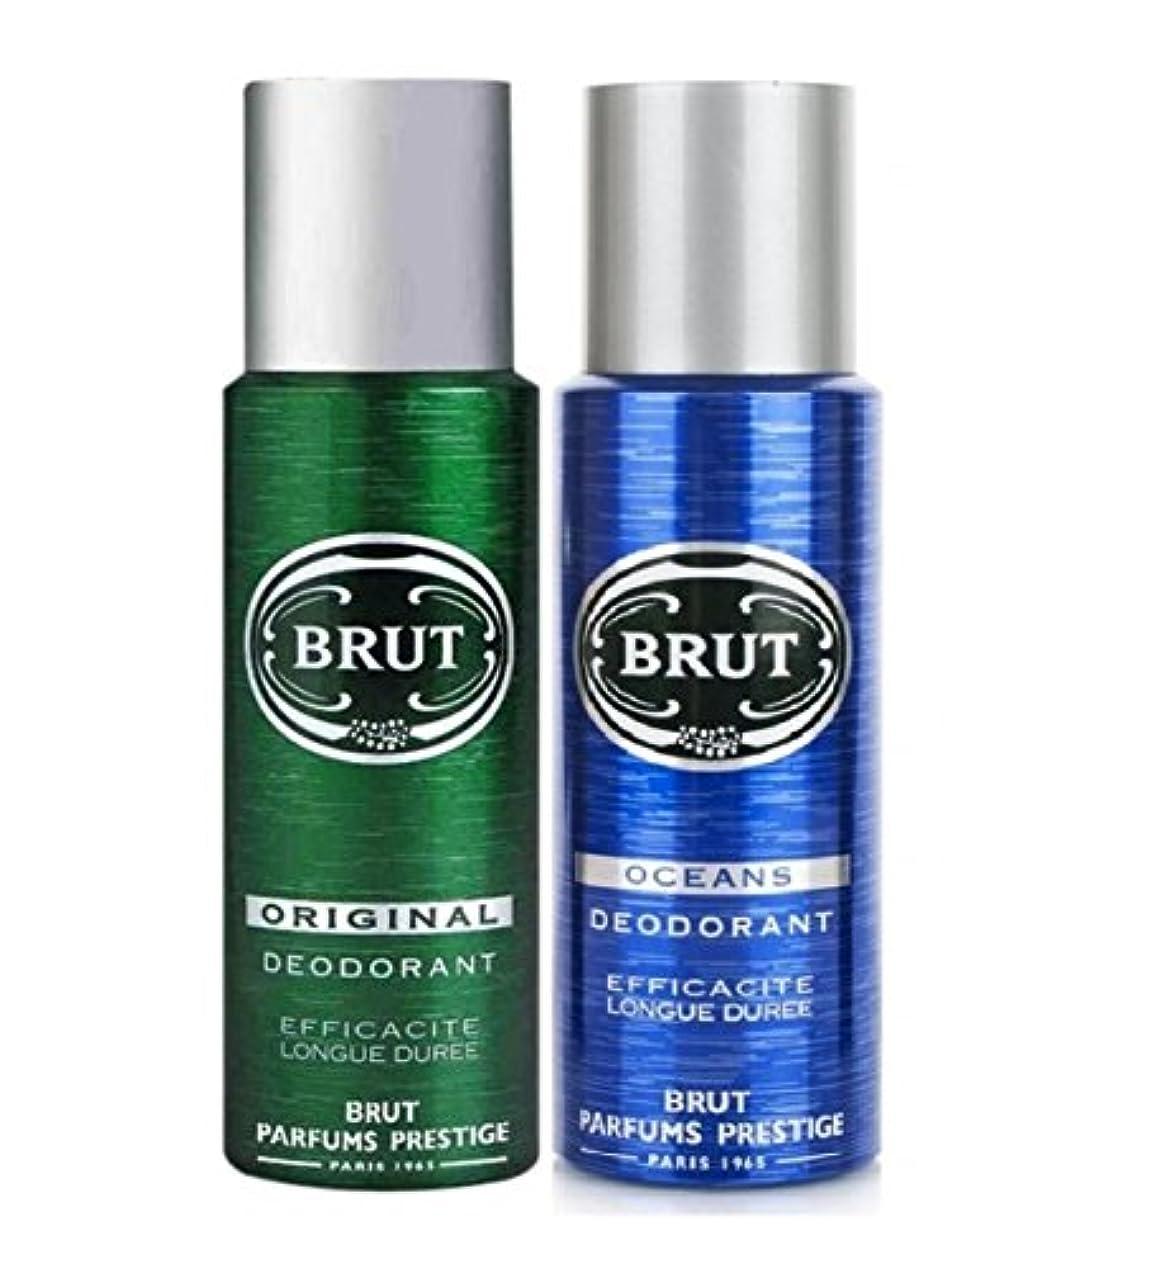 読書有力者名義でBrut Original+Oceans Efficacite Longue Duree Deodorant 200ml(Pack of 2)